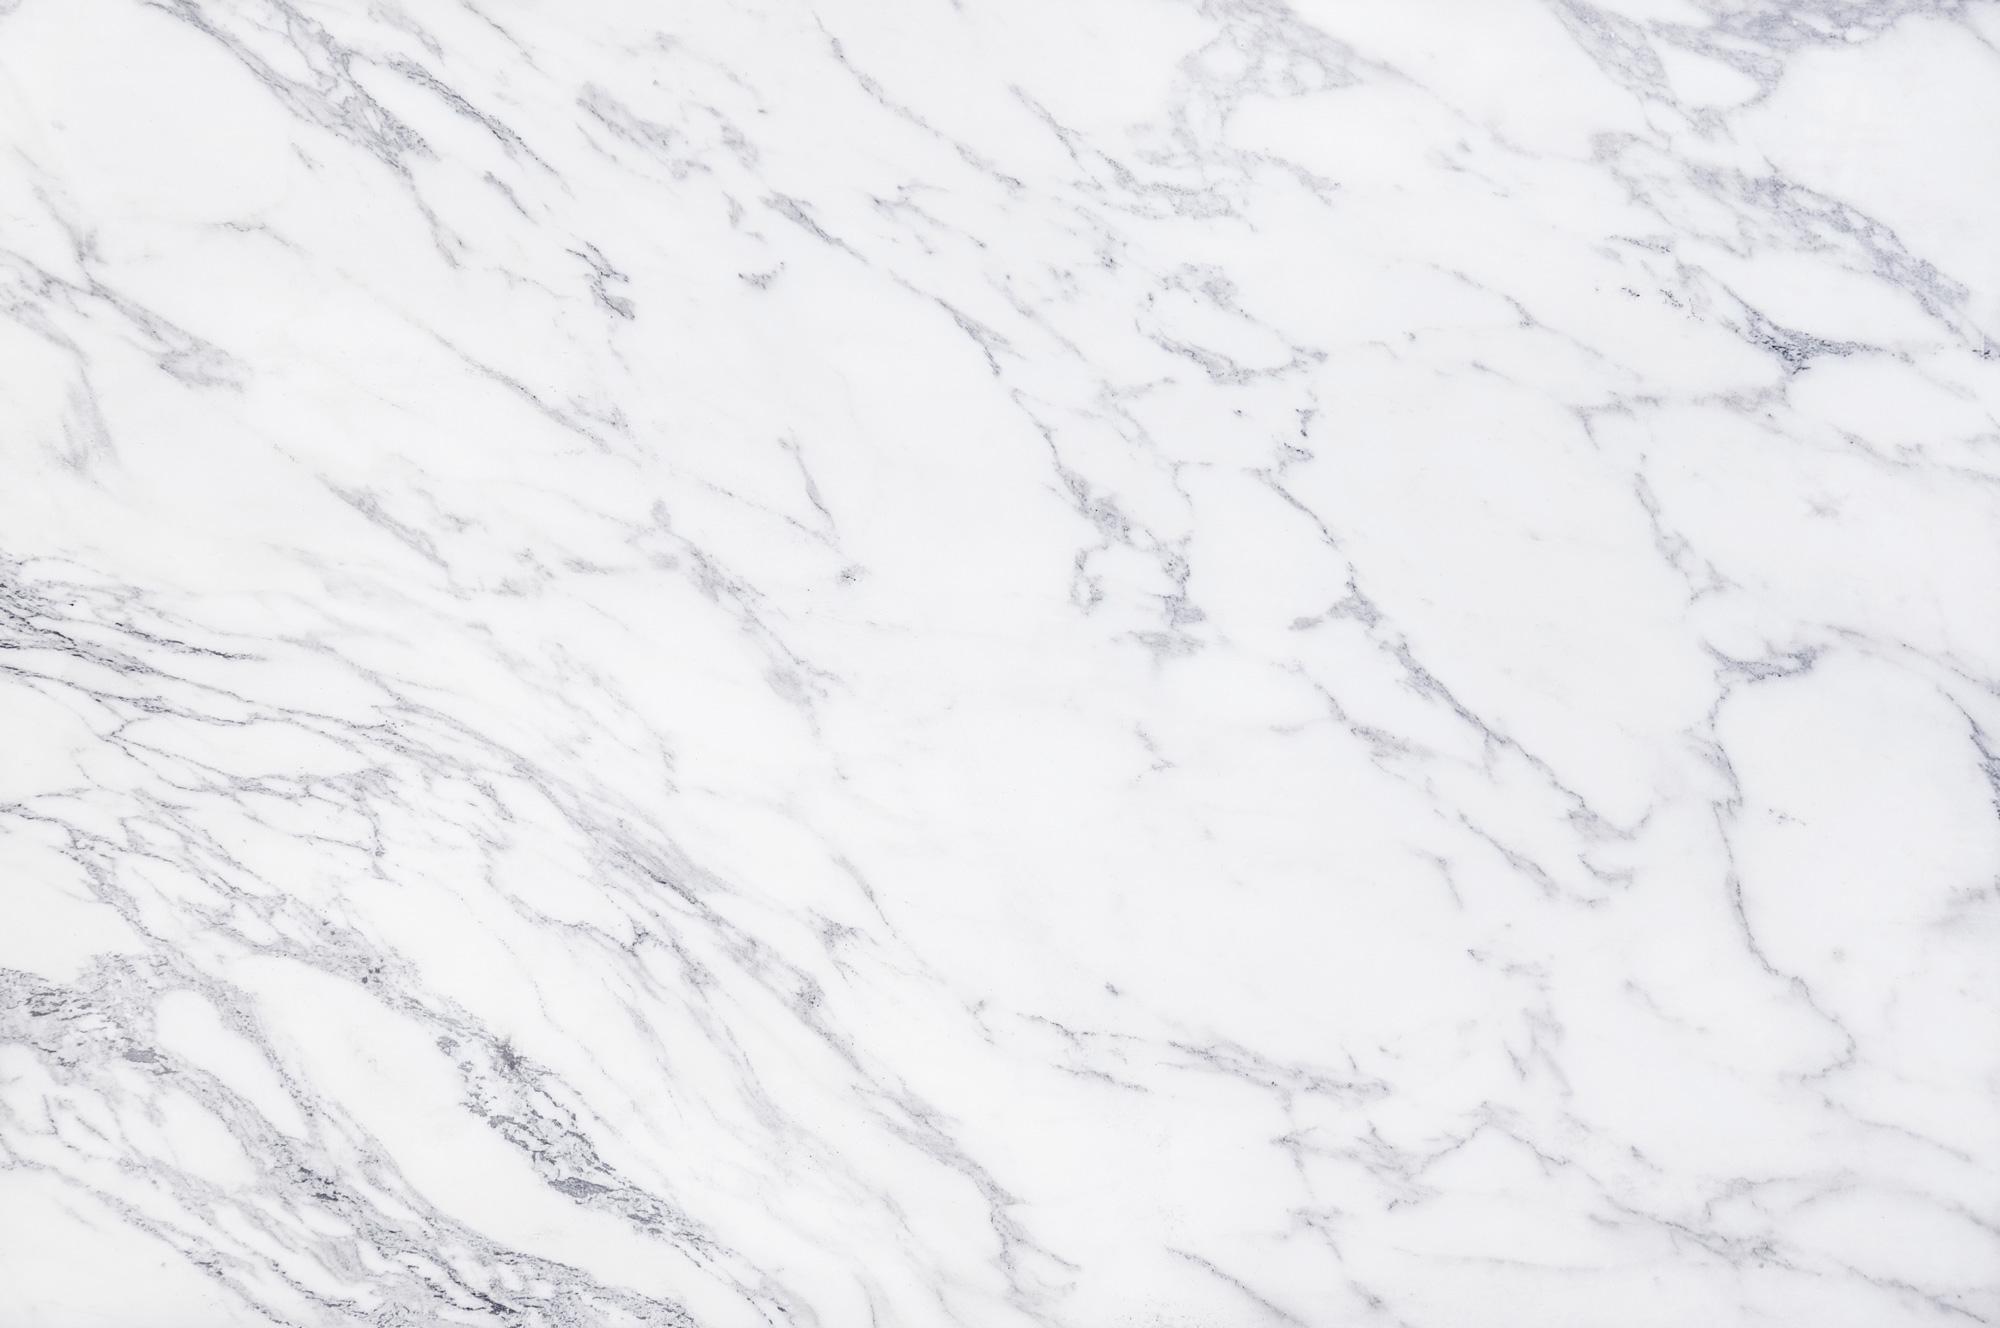 Изображение бесшовная текстура мрамора белого цвета